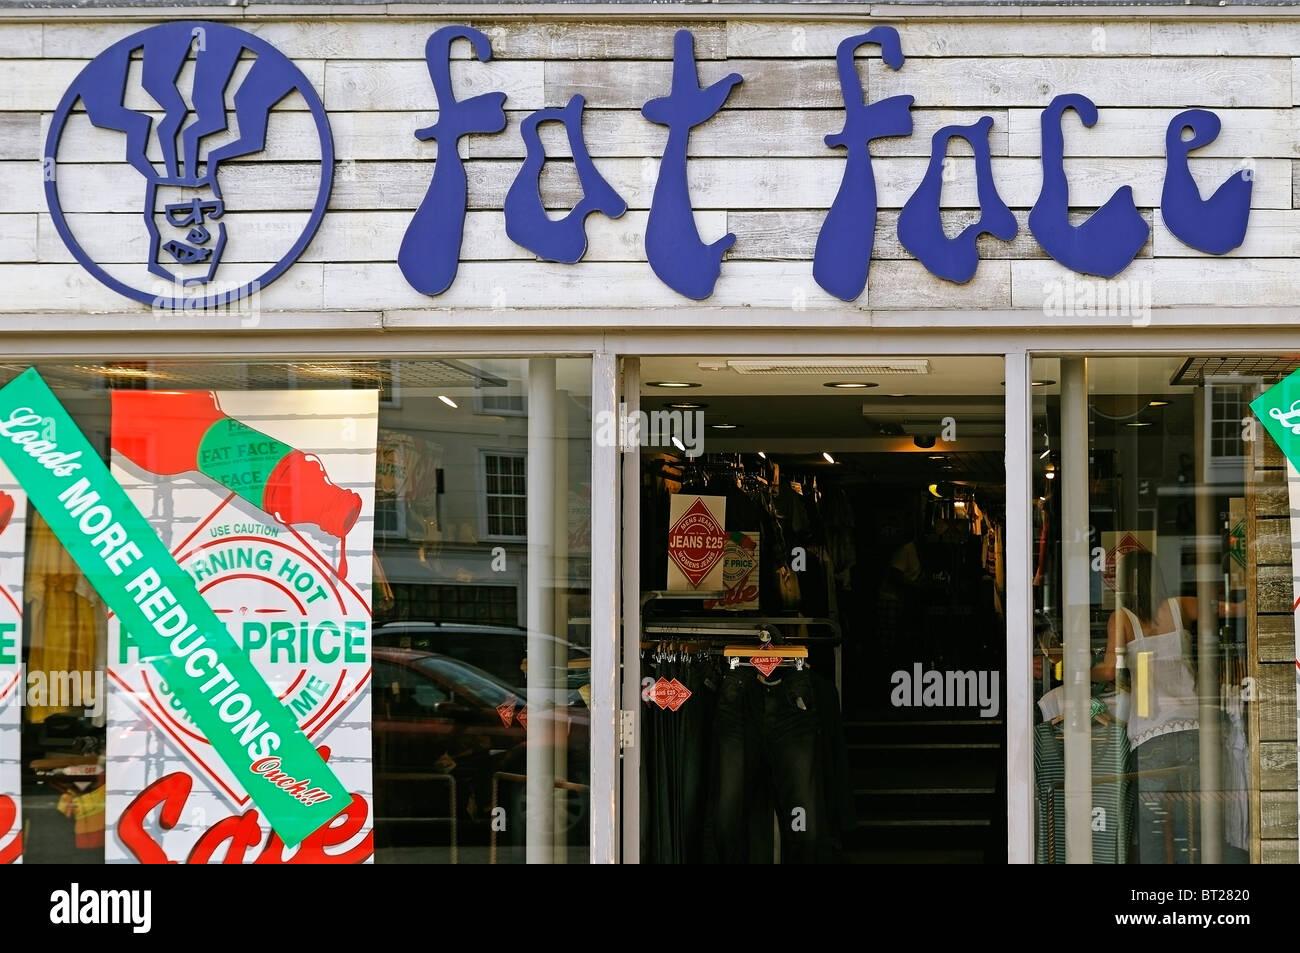 Faccia grassa negozio di abbigliamento, Wantage, UK. Immagini Stock